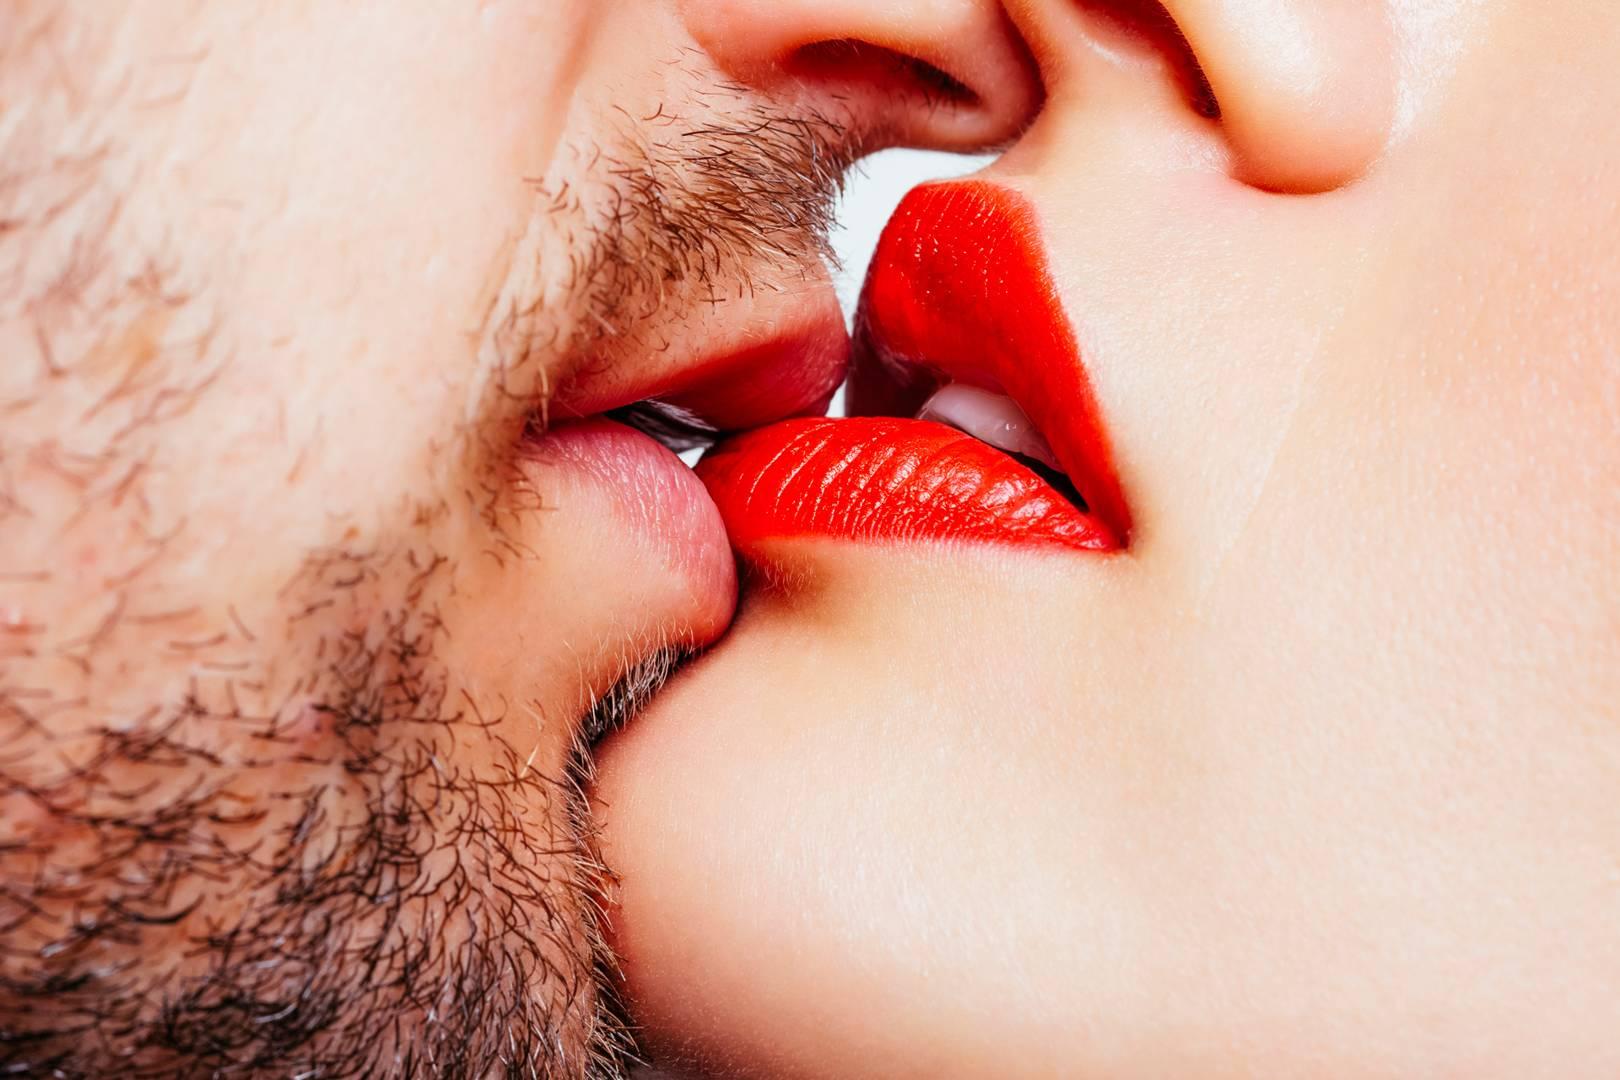 Секс целует грудь, Целует сиськи: порно видео онлайн, смотреть порно на 13 фотография